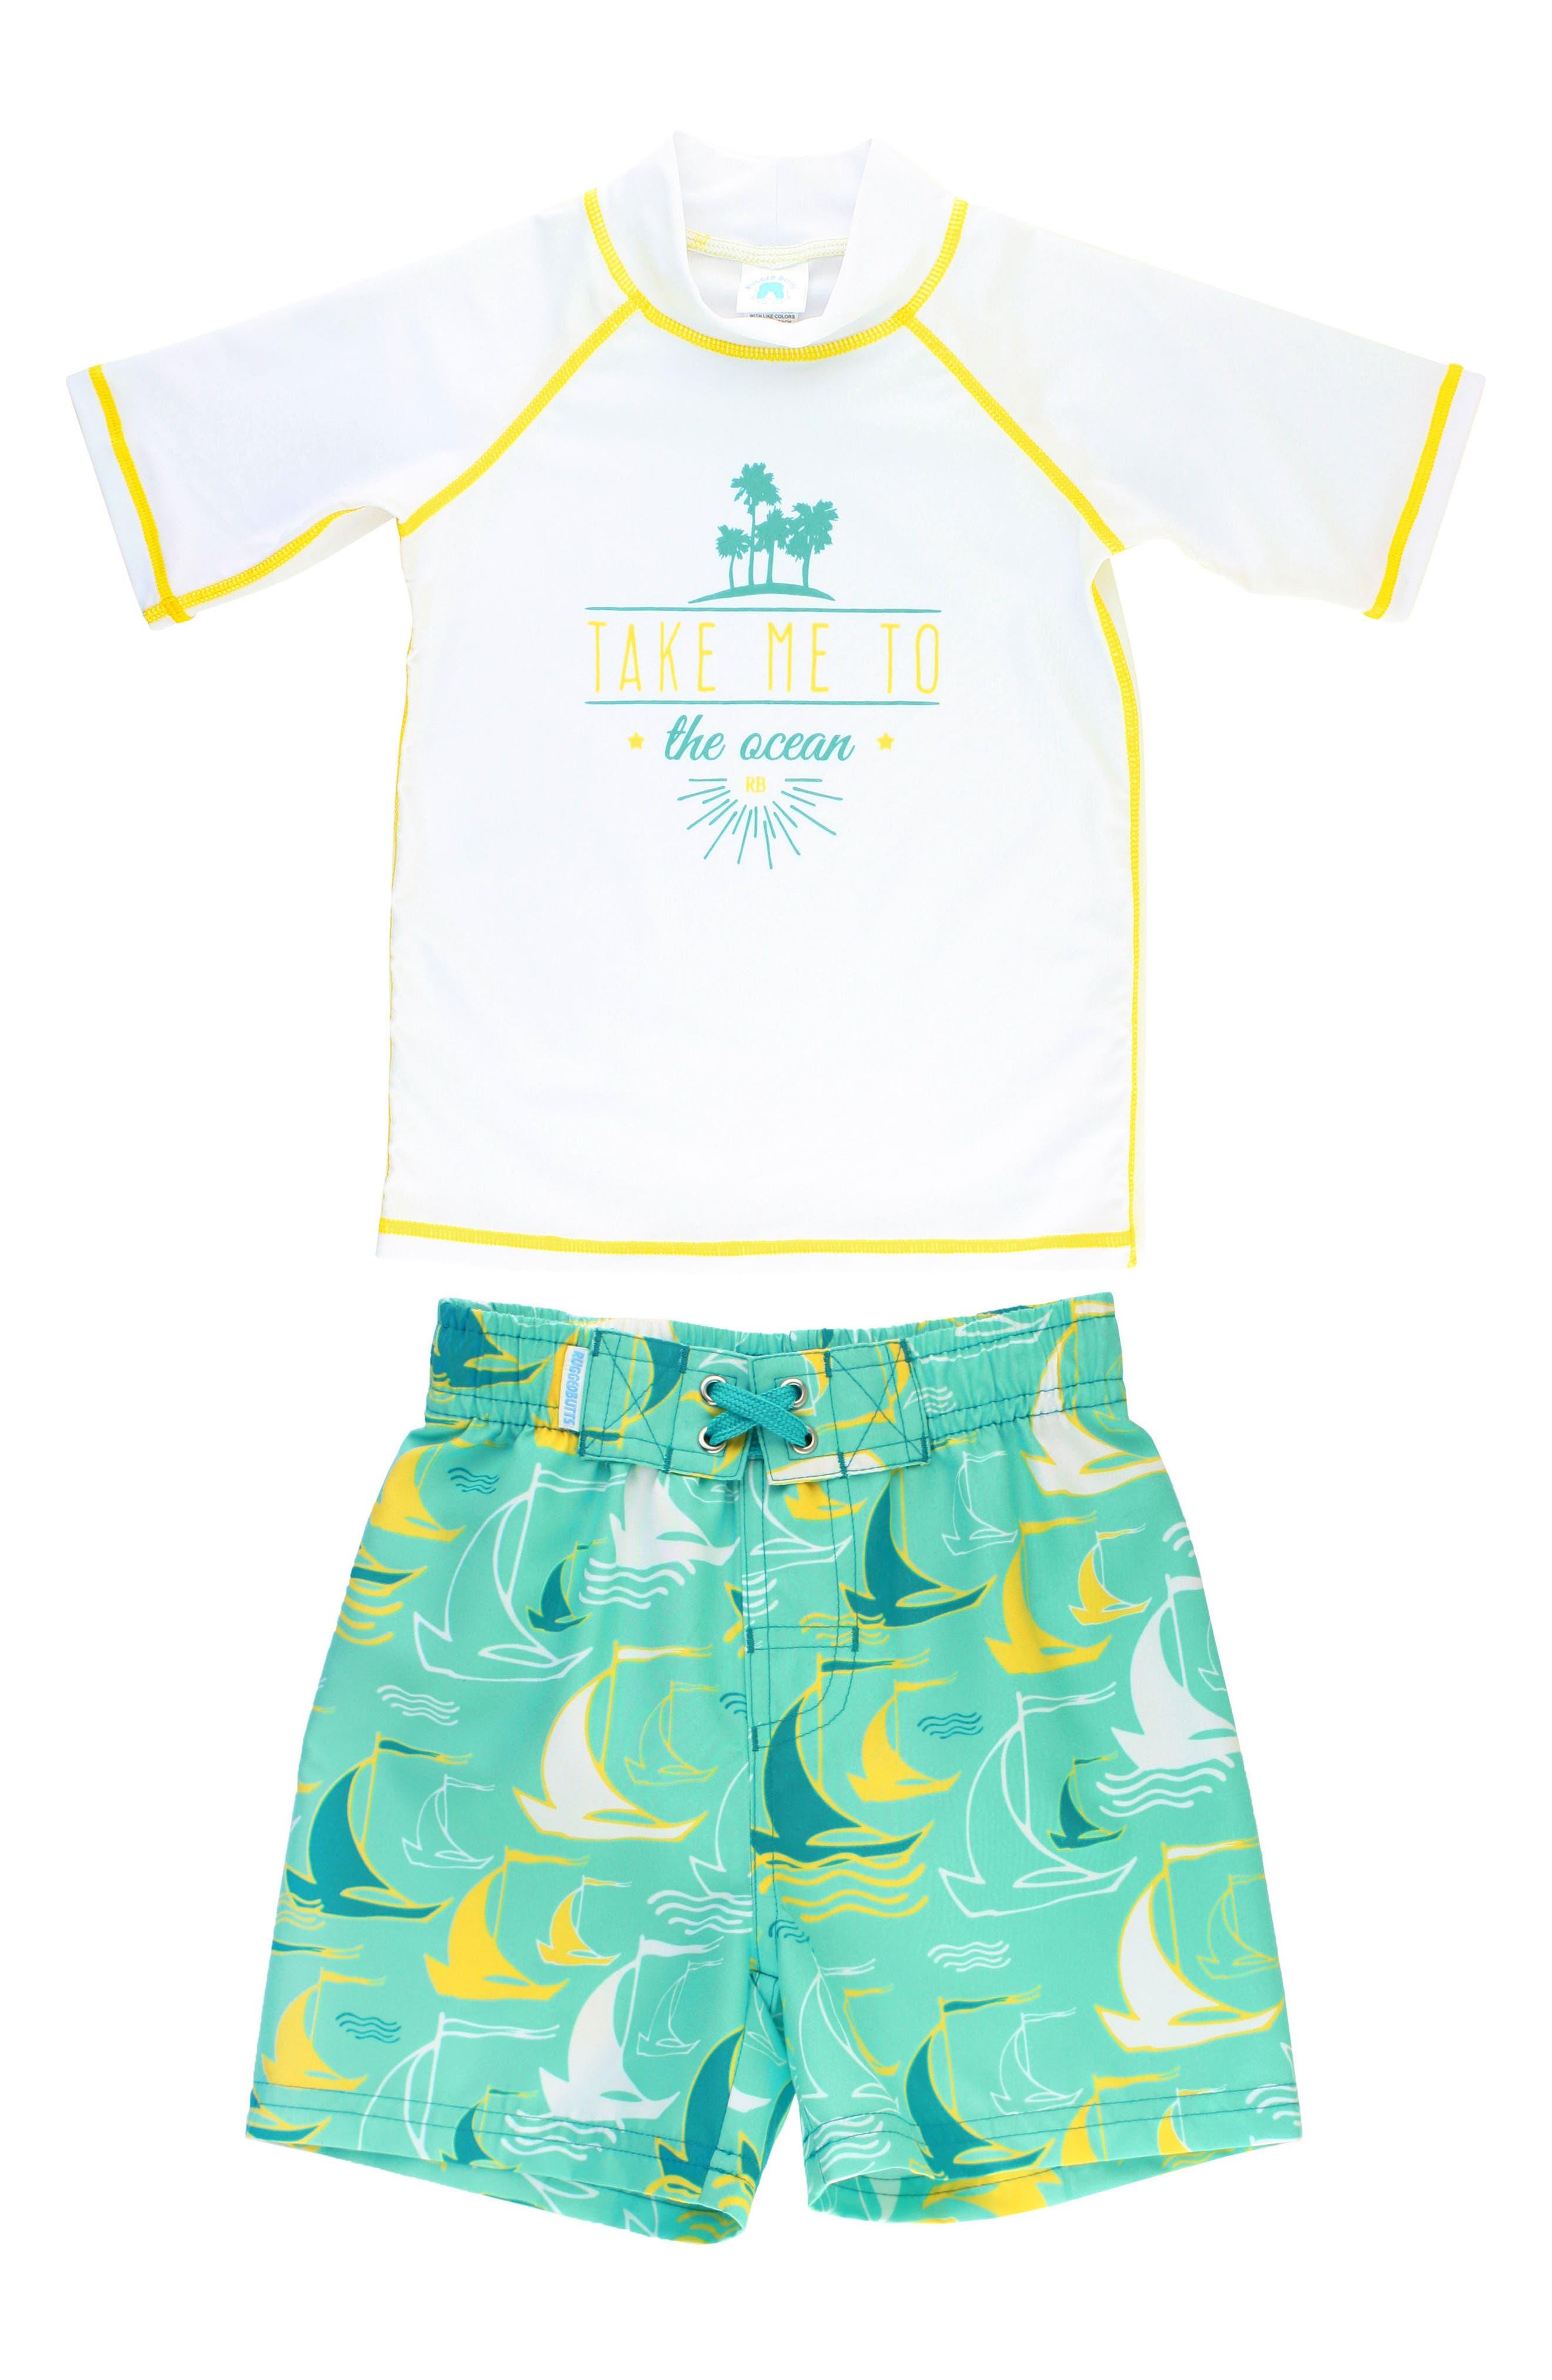 Take Me to the Ocean Rashguard & Board Shorts Set,                             Main thumbnail 1, color,                             Blue